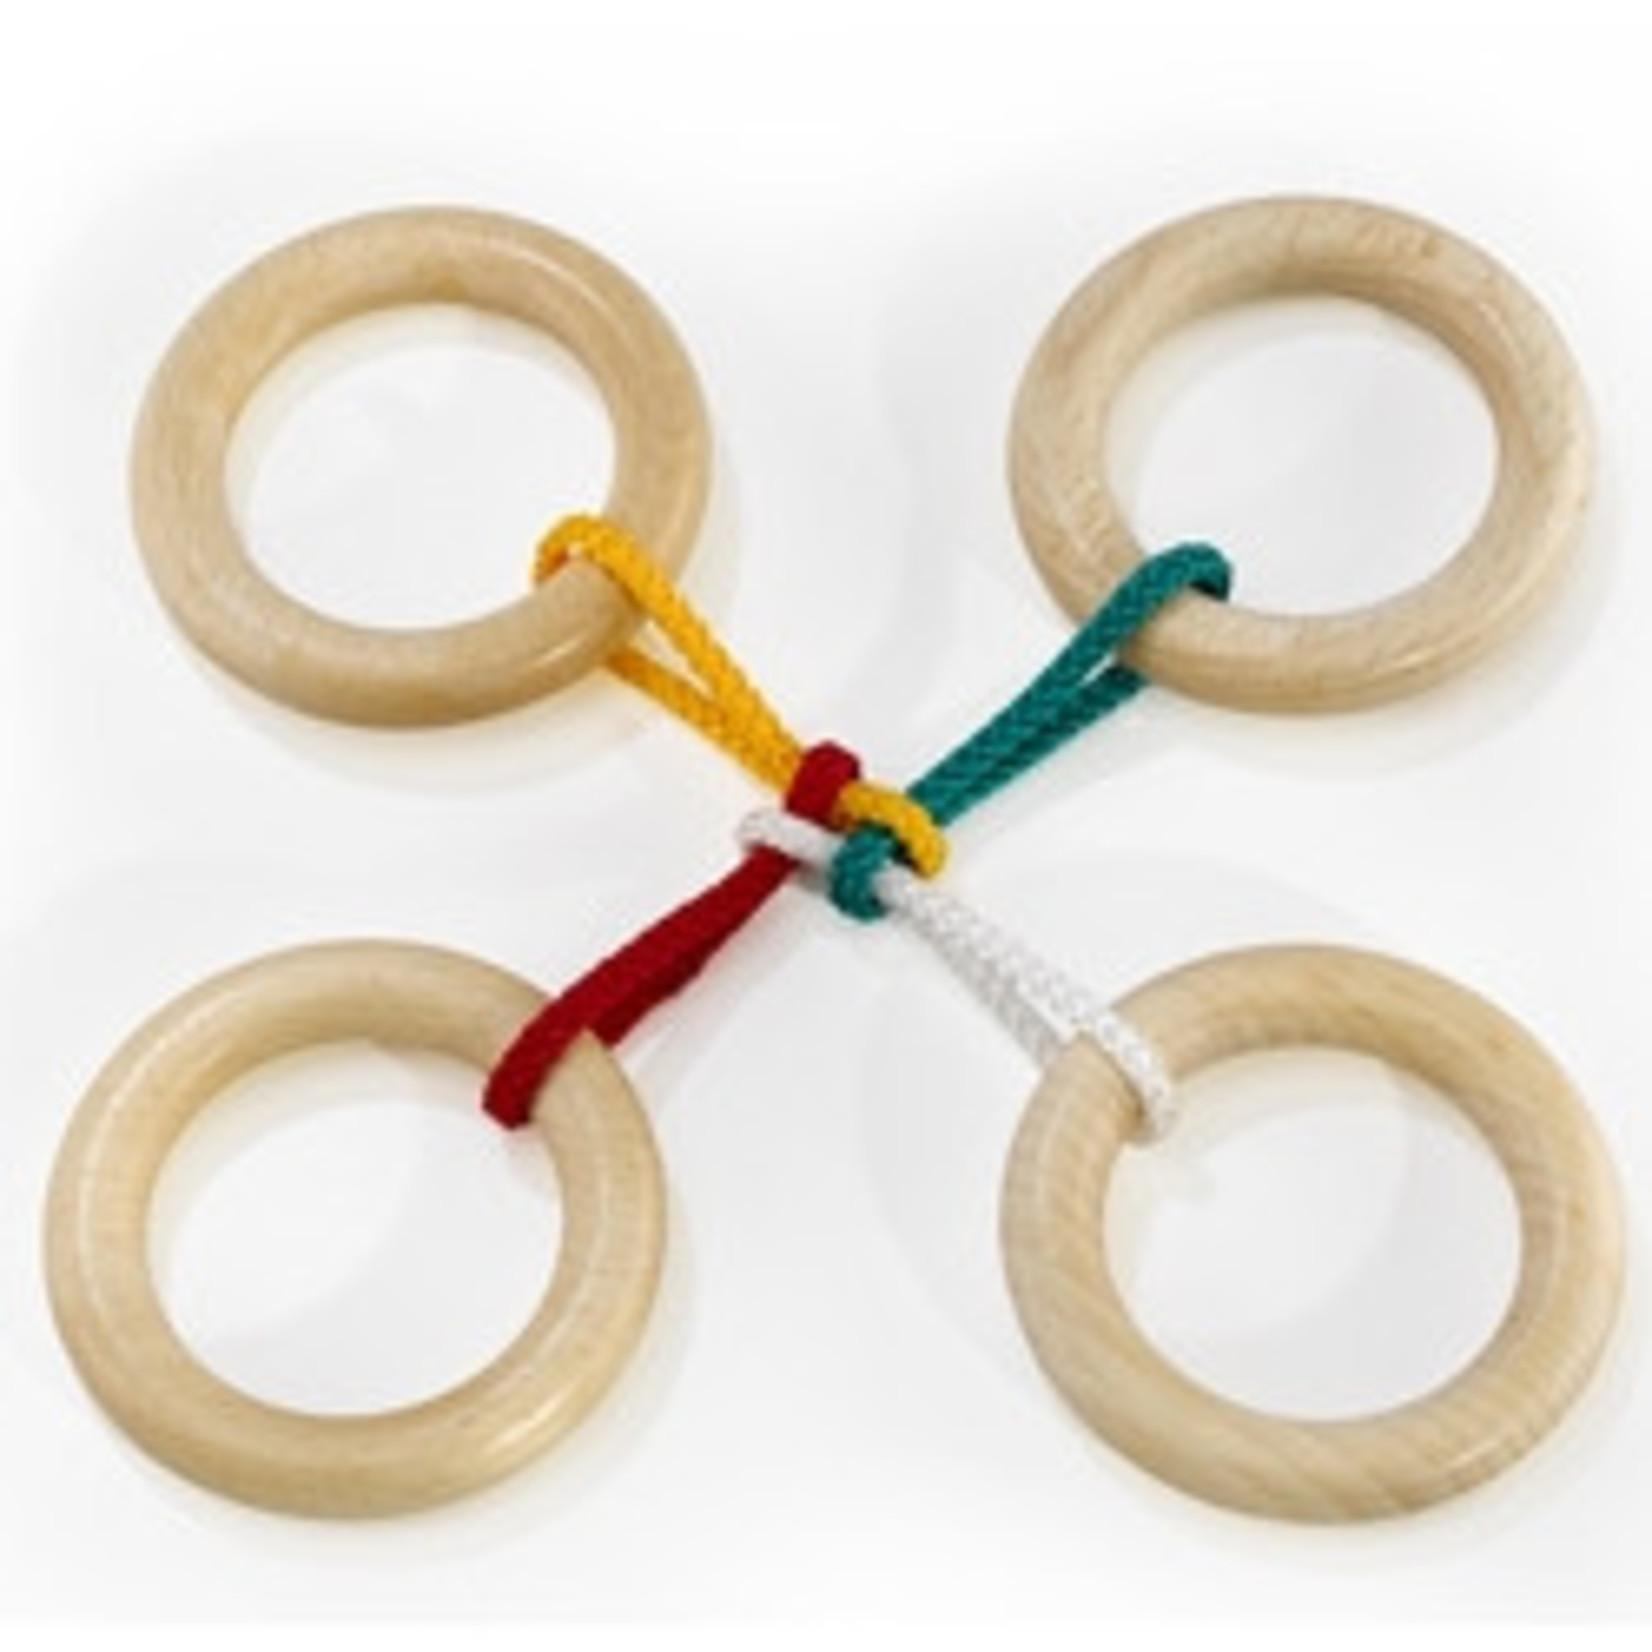 Eureka Verwijder de 4 ringen en zet hem weer in elkaar voor het volgende slachtoffer